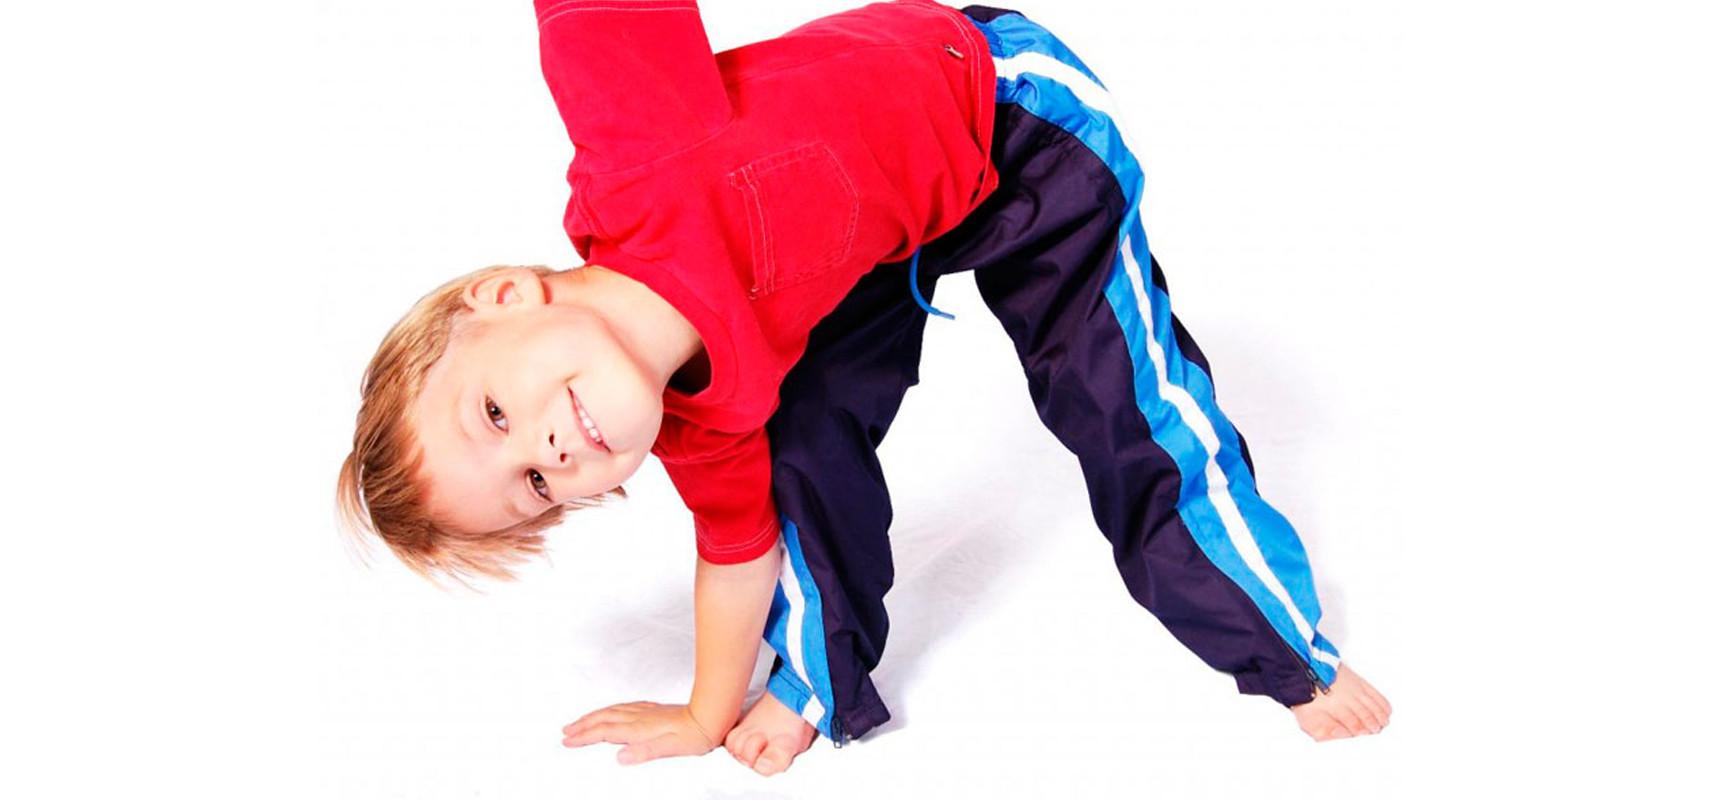 Лечебно-оздоровительная гимнастика для детей